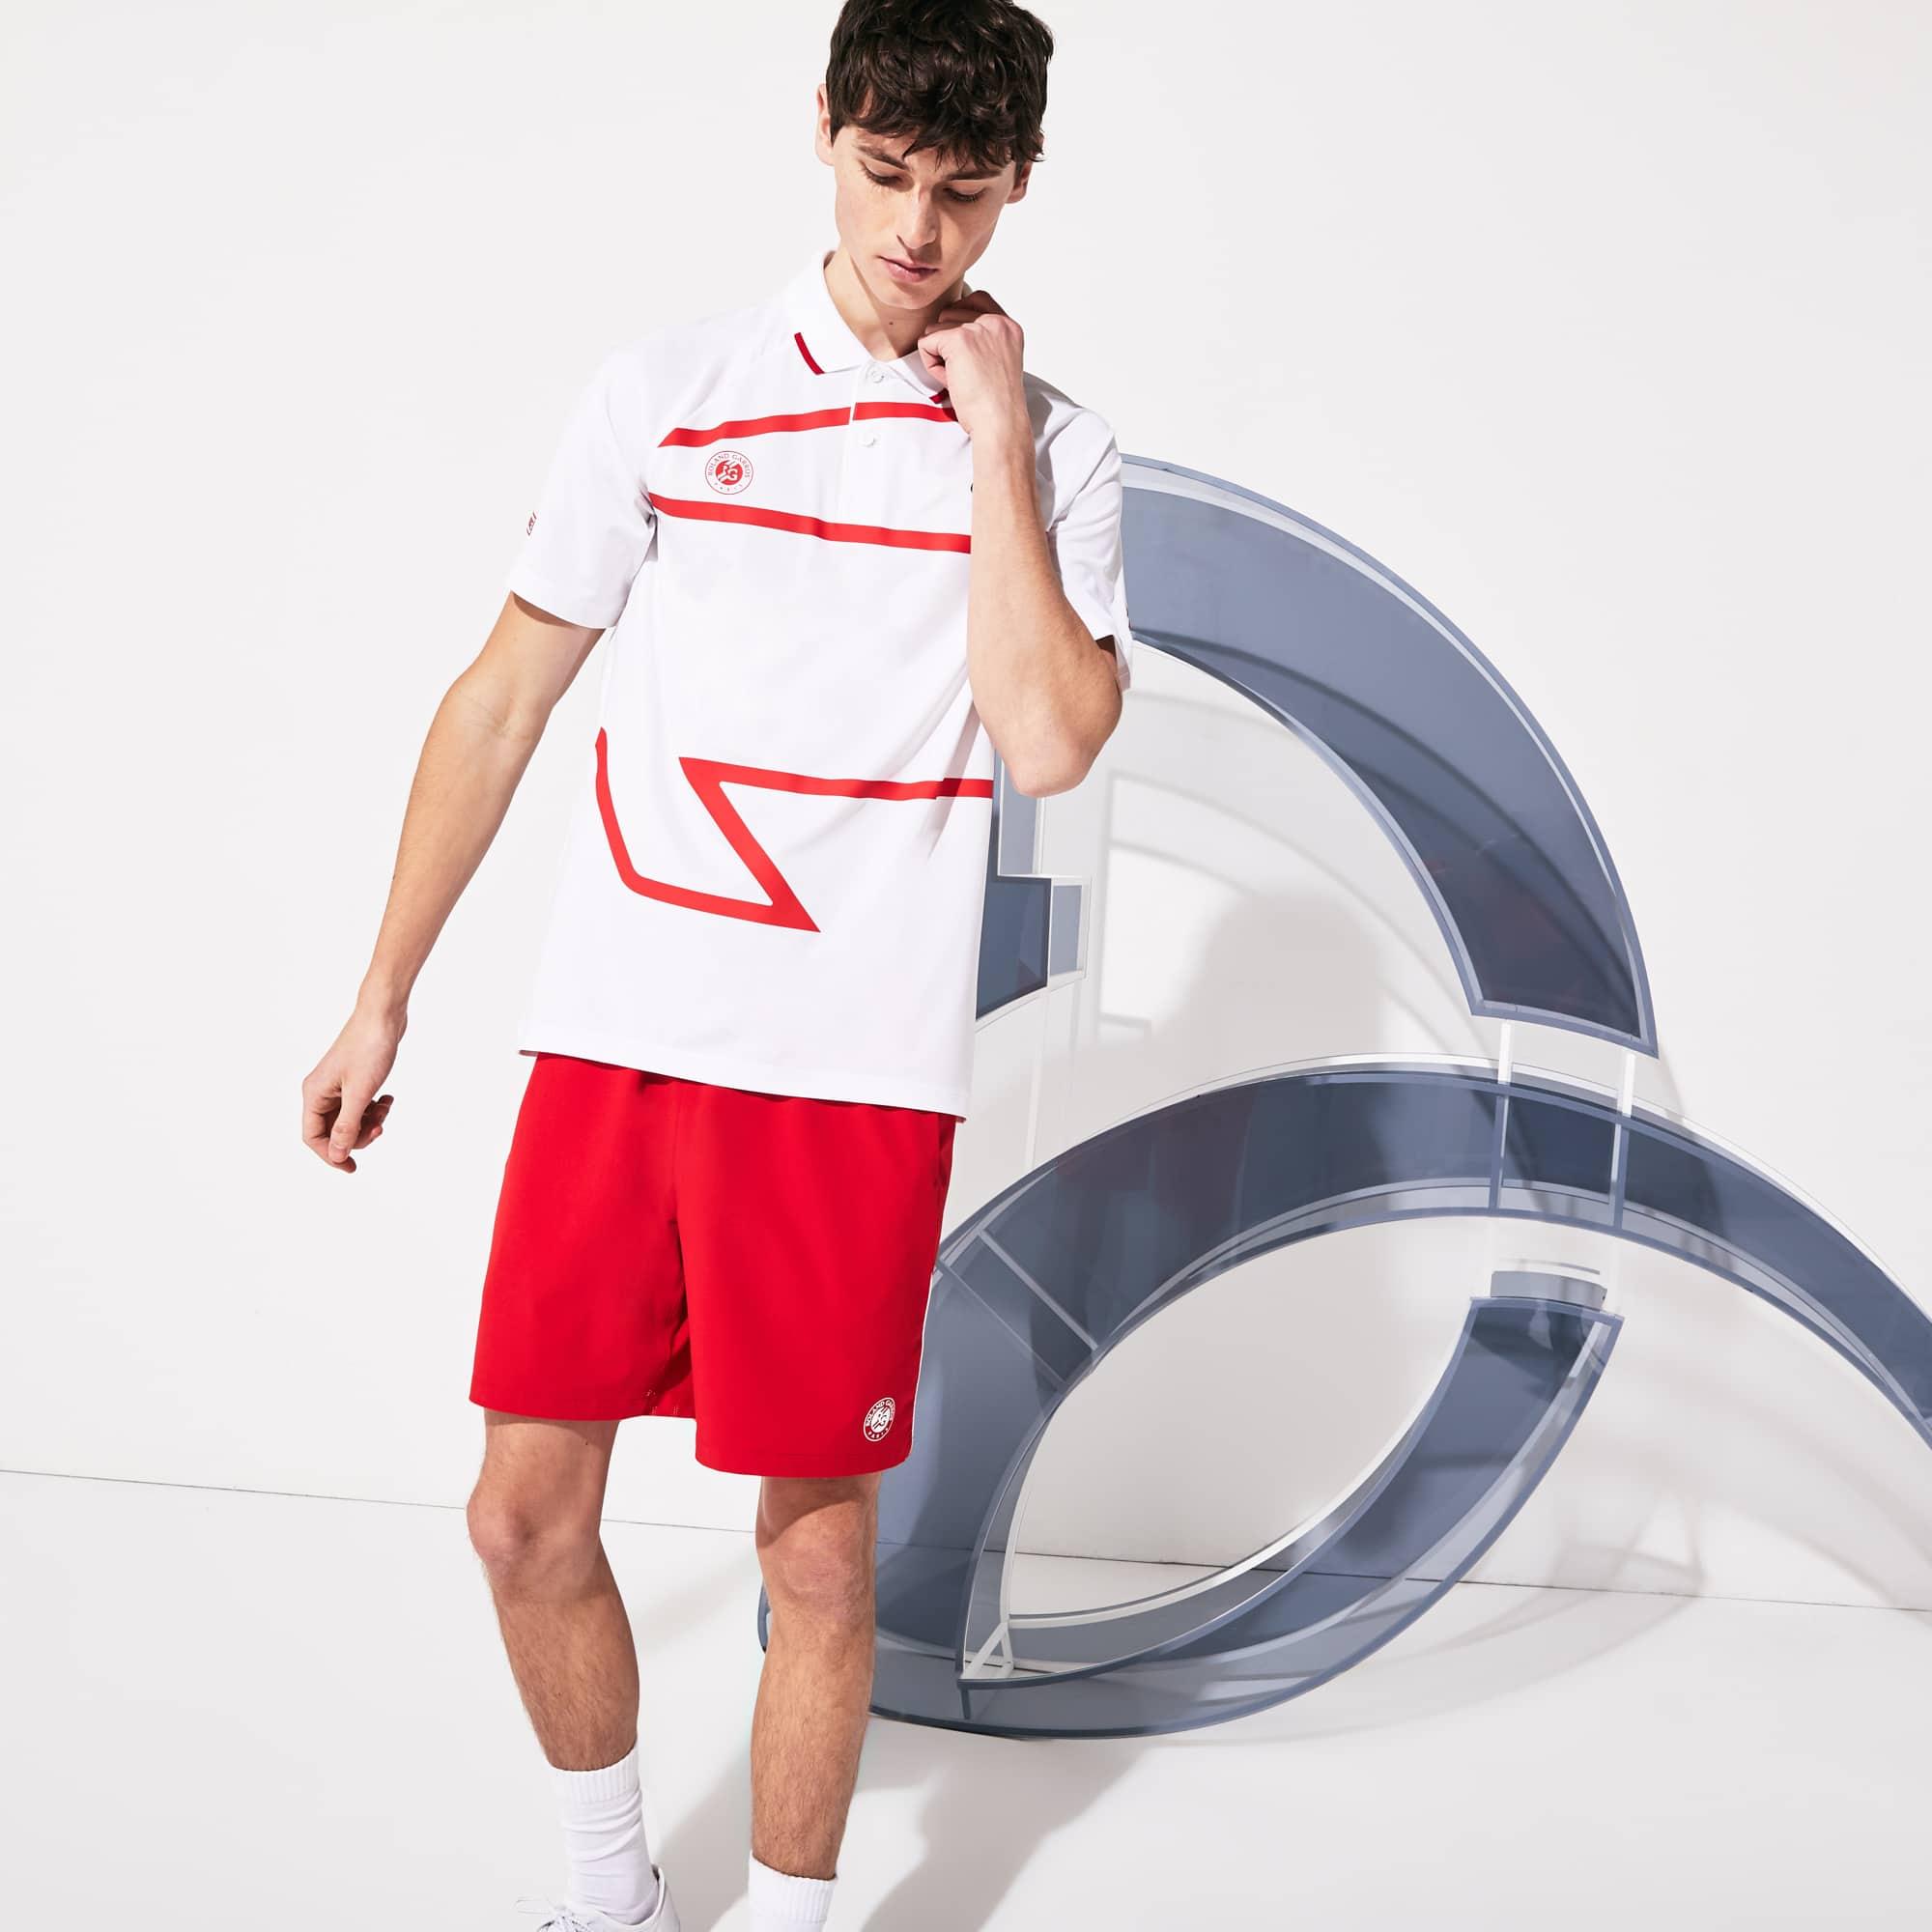 라코스테 스포츠 롤랑가로스 노박 조코비치 폴로셔츠 Lacoste Mens SPORT Roland Garros x Novak Djokovic Polo Shirt